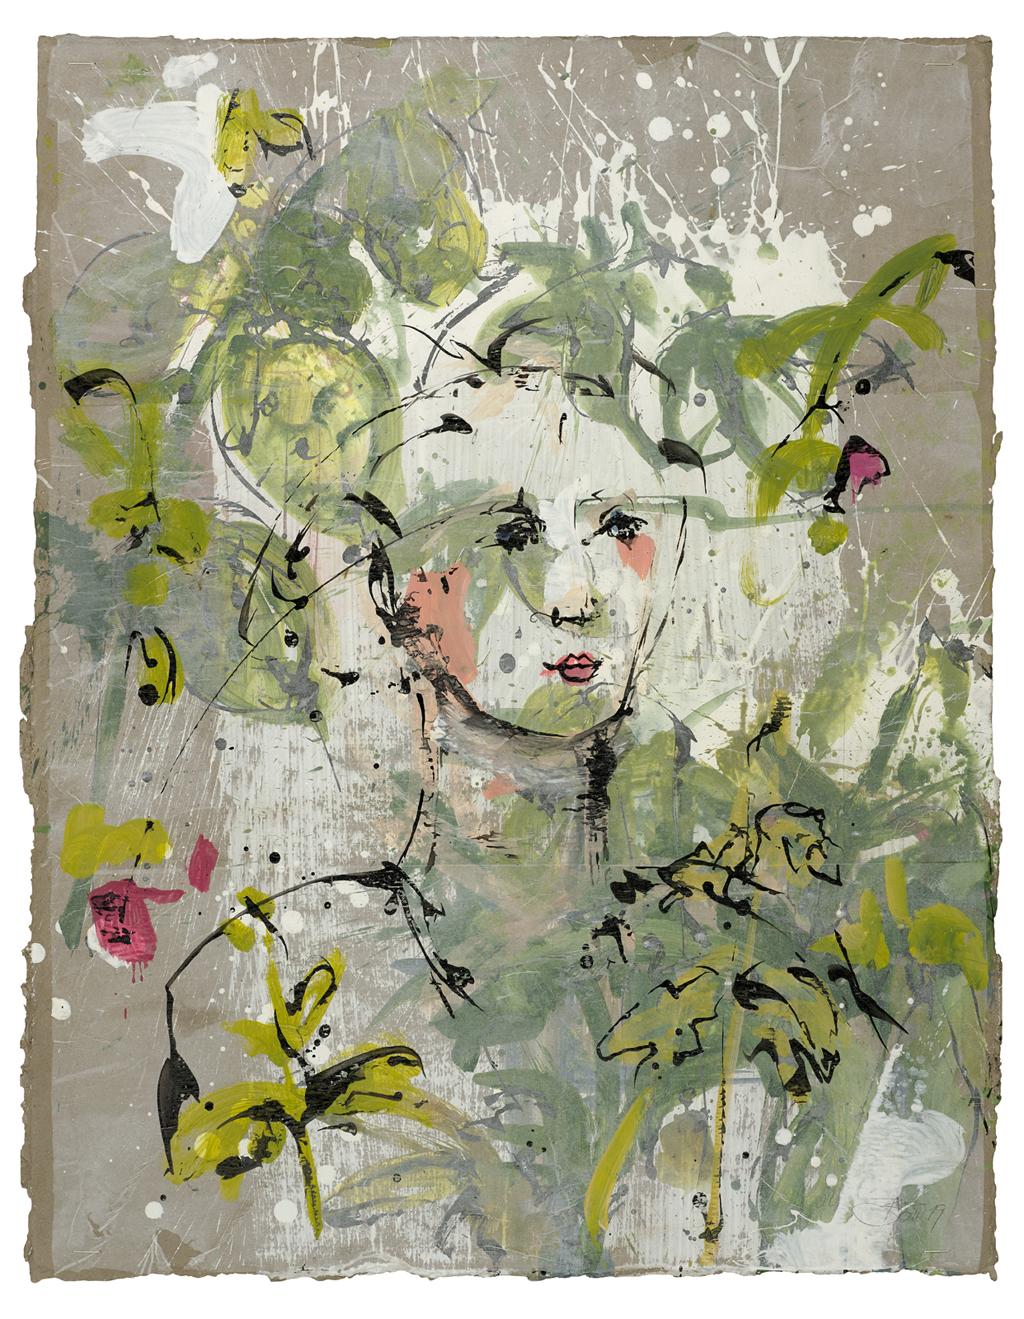 Im Sommergarten | 2019, zweischichtige Papierarbeit, Schellack und Acryl auf Pergamin über Acryl auf Pappe, 88 x 68 cm